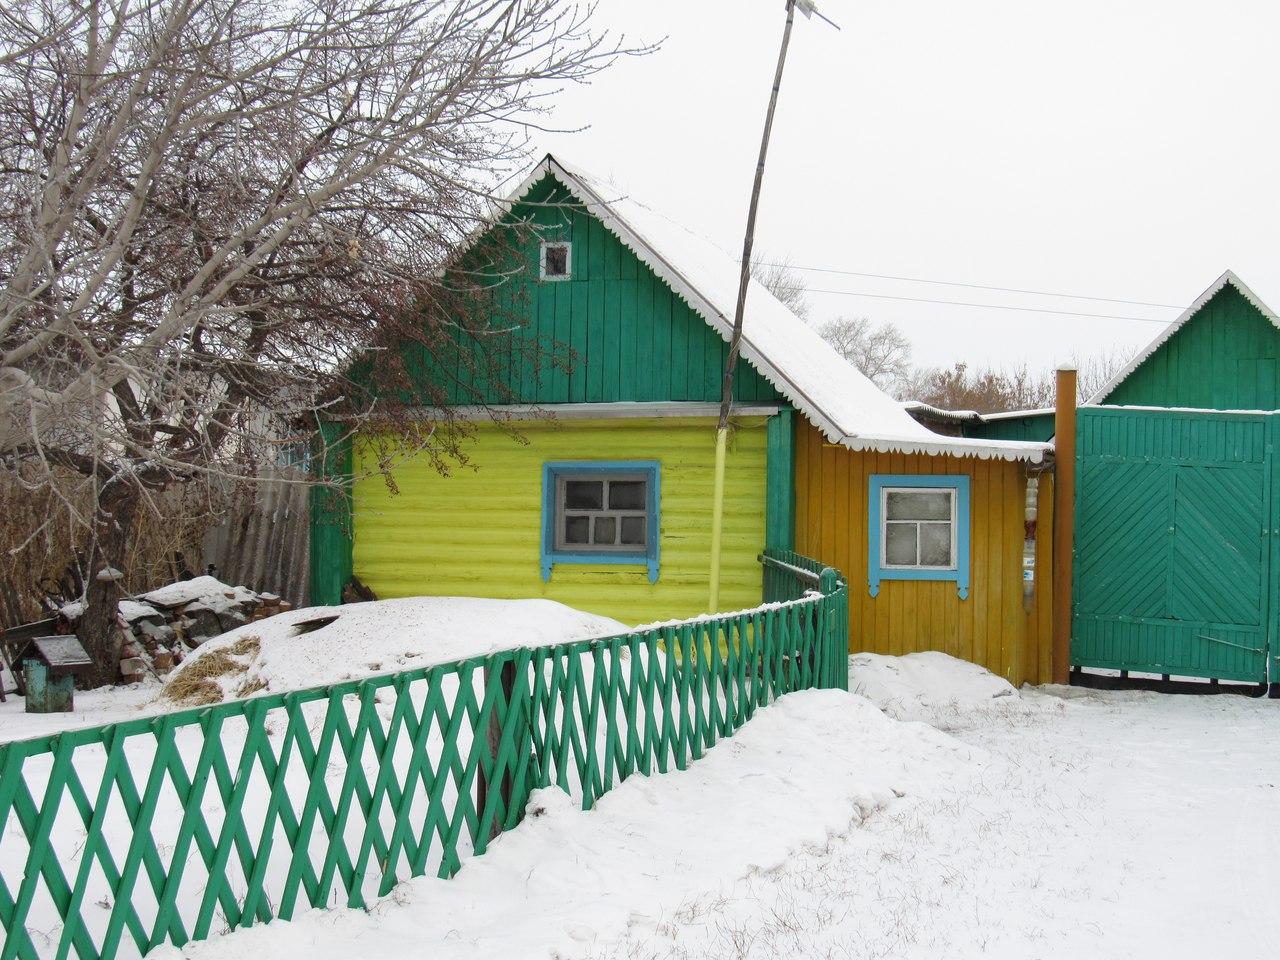 Взгляд изнутри: Как удержать население в Северном Казахстане